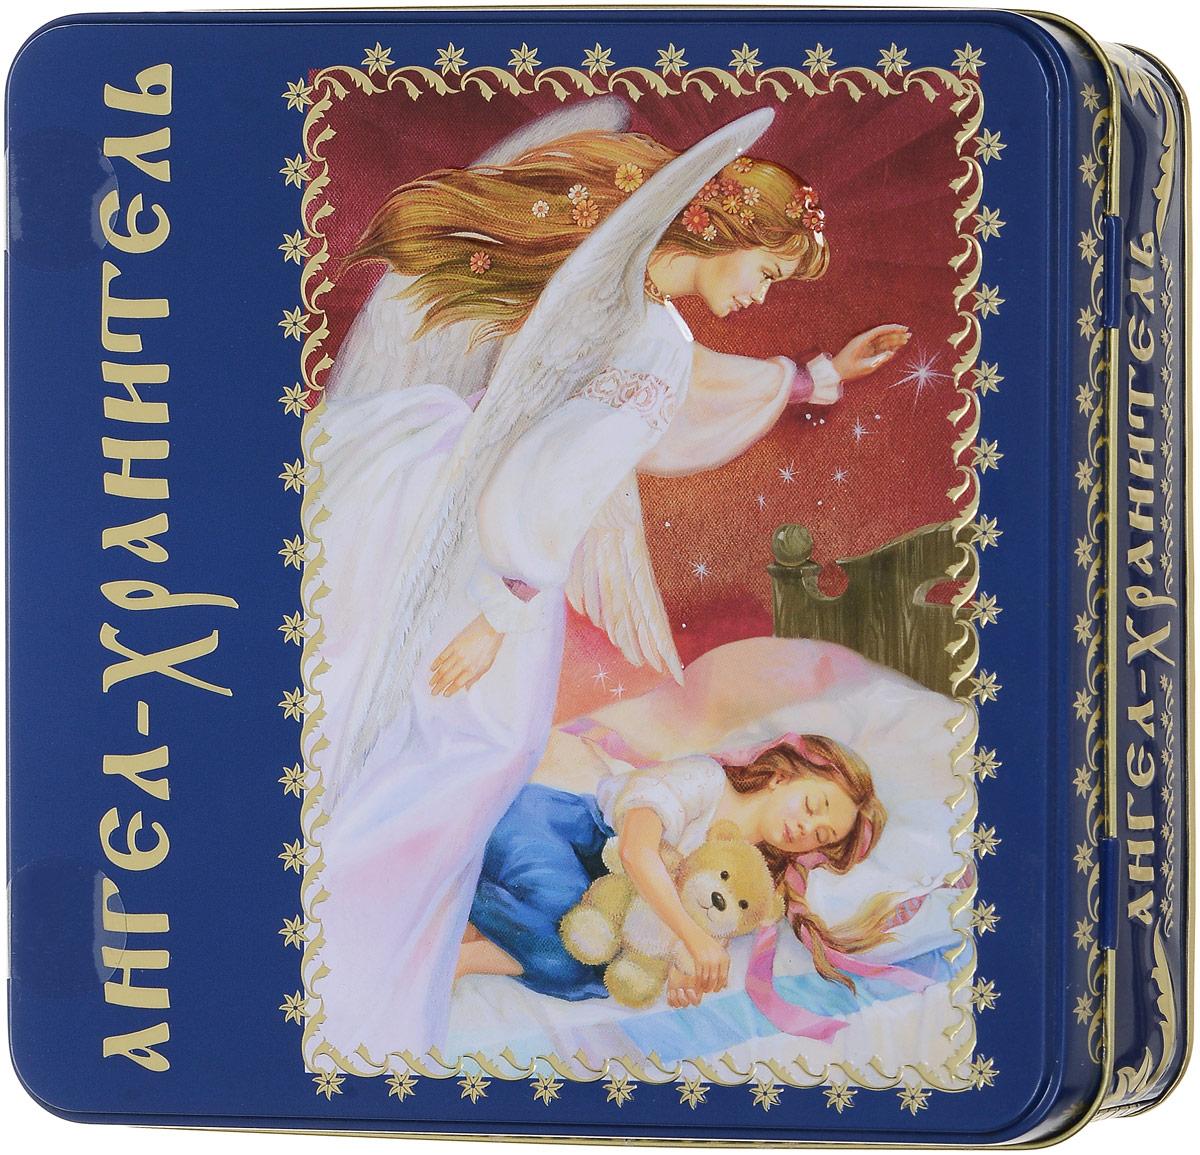 Вера, Надежда, Любовь Ангел-Хранитель подарочный набор черного листового чая, 125 г40116Ангел-Хранитель - ангел, добрый дух, данный человеку Богом при крещении для помощи и руководства. Ангел-Хранитель невидимо находится при человеке на протяжении всей его жизни, если человек сохраняет в себе любовь к Богу и истинную веру перед Ним. Задача Ангела-Хранителя - способствовать спасению подопечного. Ангелы-Хранители духовно наставляют в вере и благочестии, охраняют души и тела, заступаются за них в течение земной их жизни, молят о них Бога, не оставляют их, наконец, после смерти и отводят души окончивших земную жизнь в вечность.